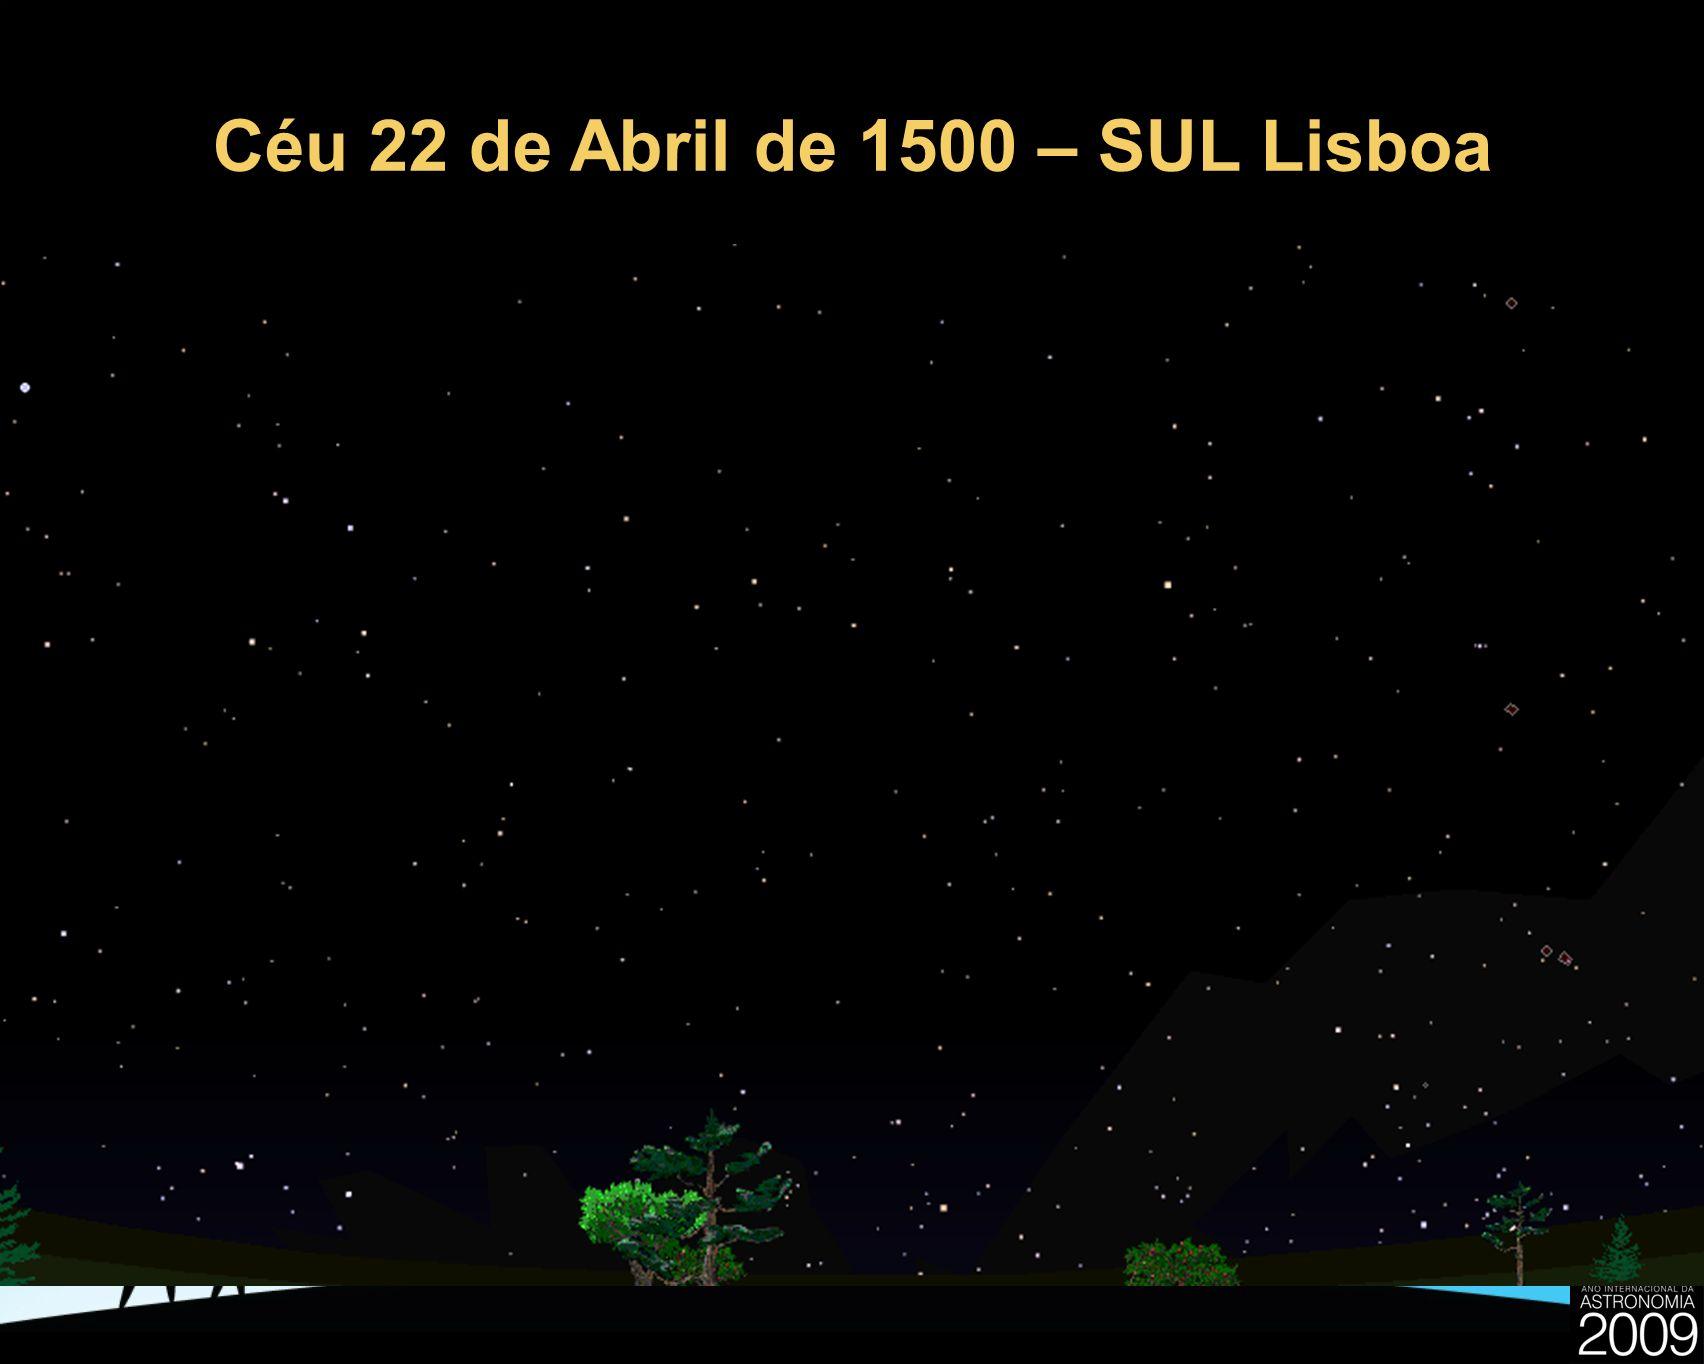 Céu 22 de Abril de 1500 – SUL Lisboa